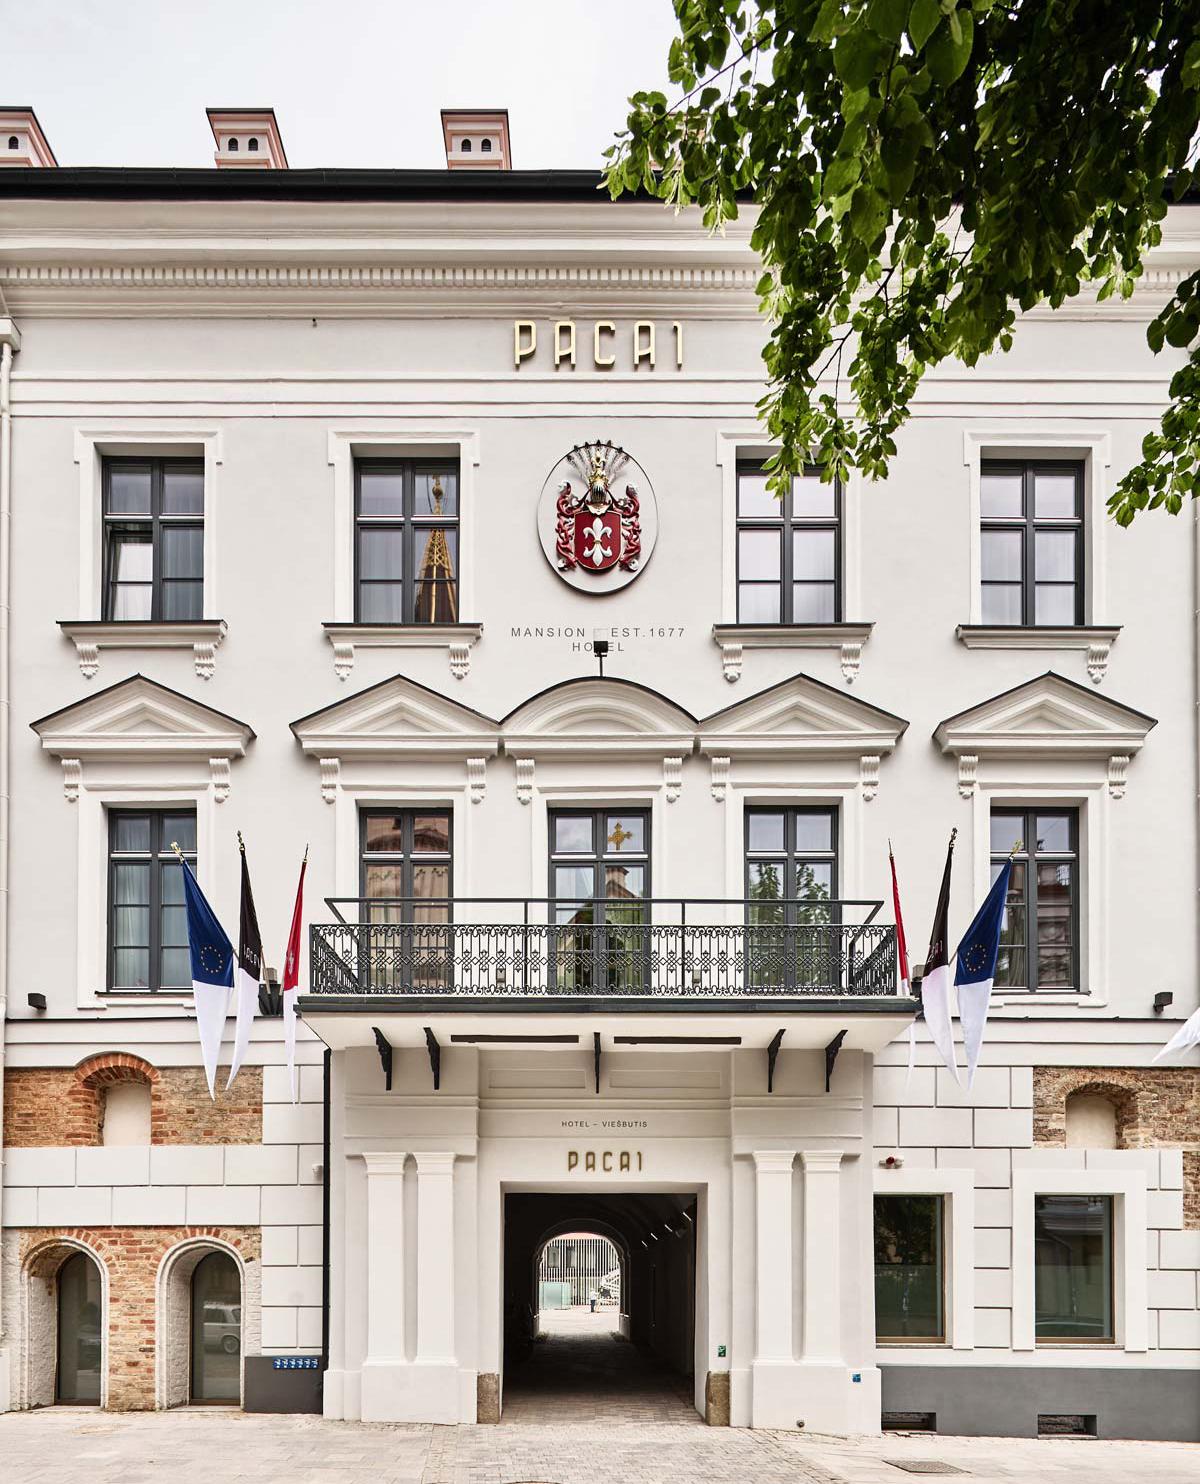 Hotel Pacai, Lituania